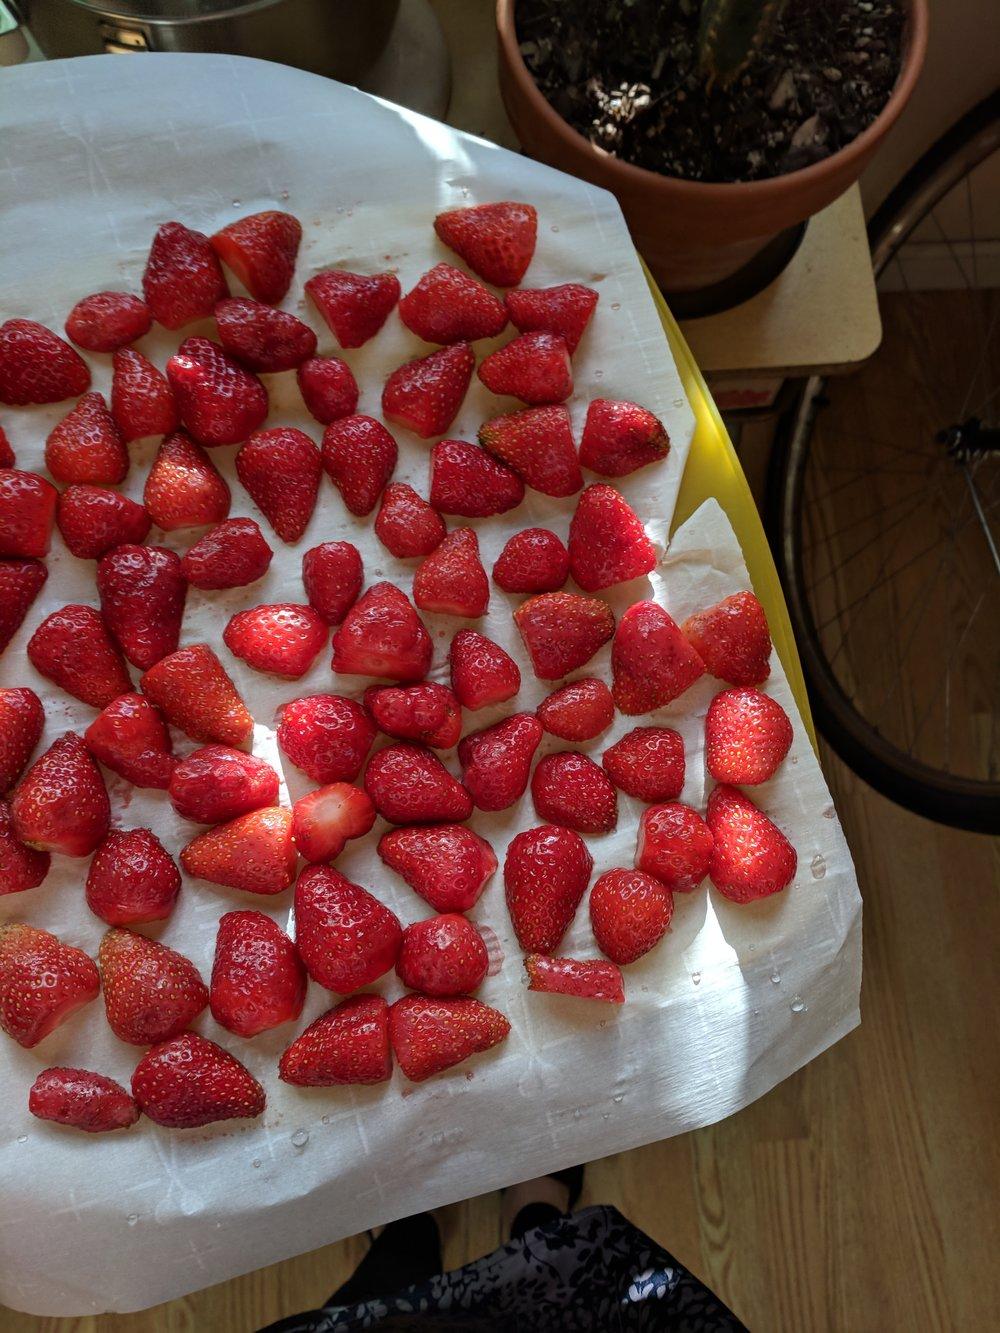 Halved berries heading into the freezer